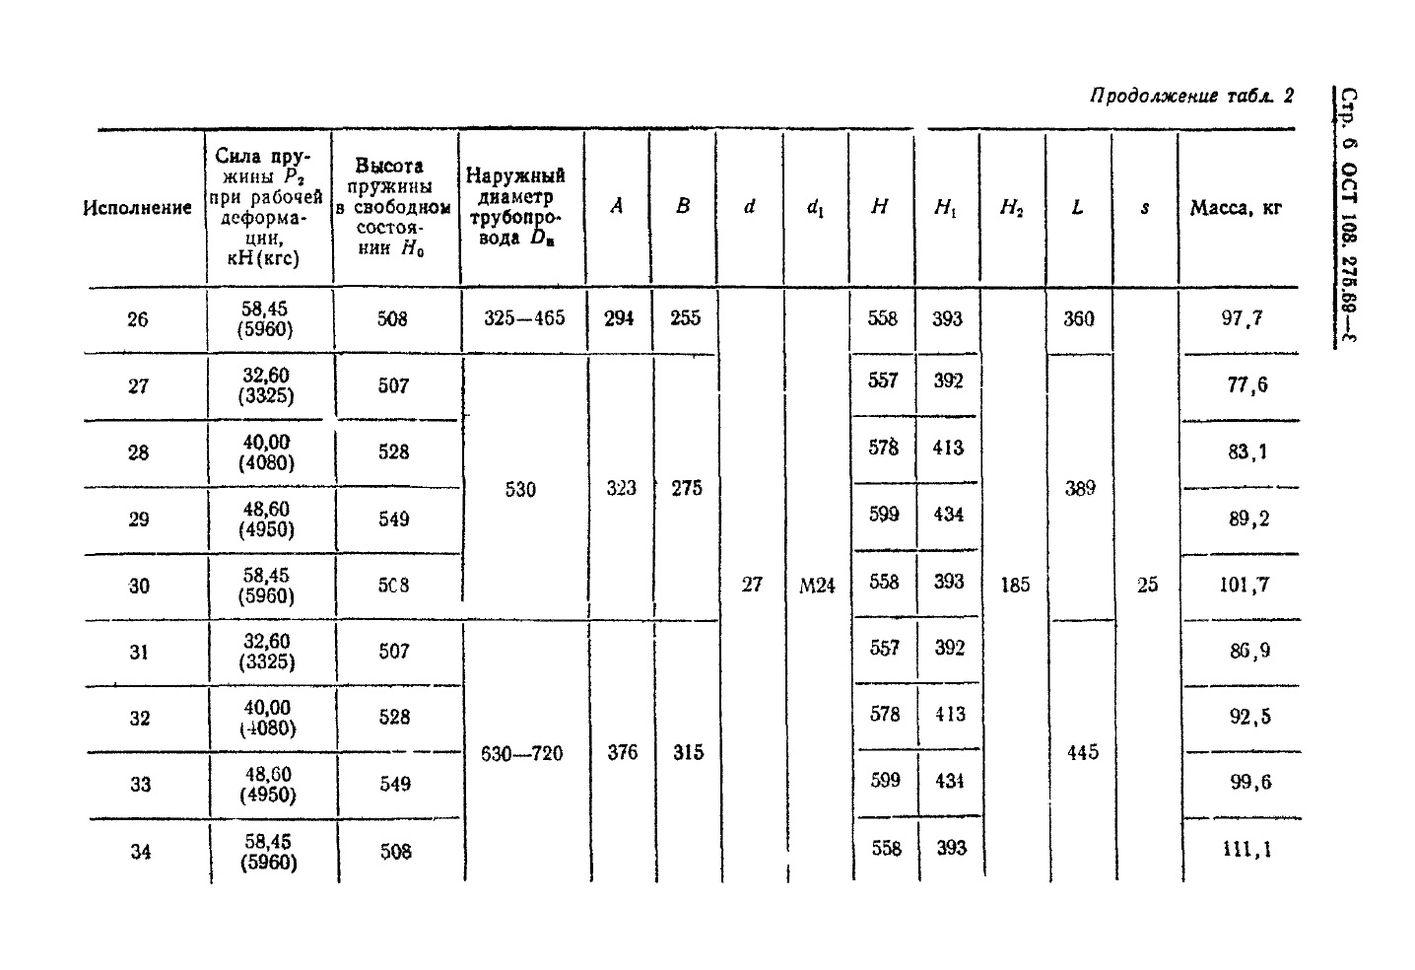 Блоки пружинные ОСТ 108.275.69-80 стр.6